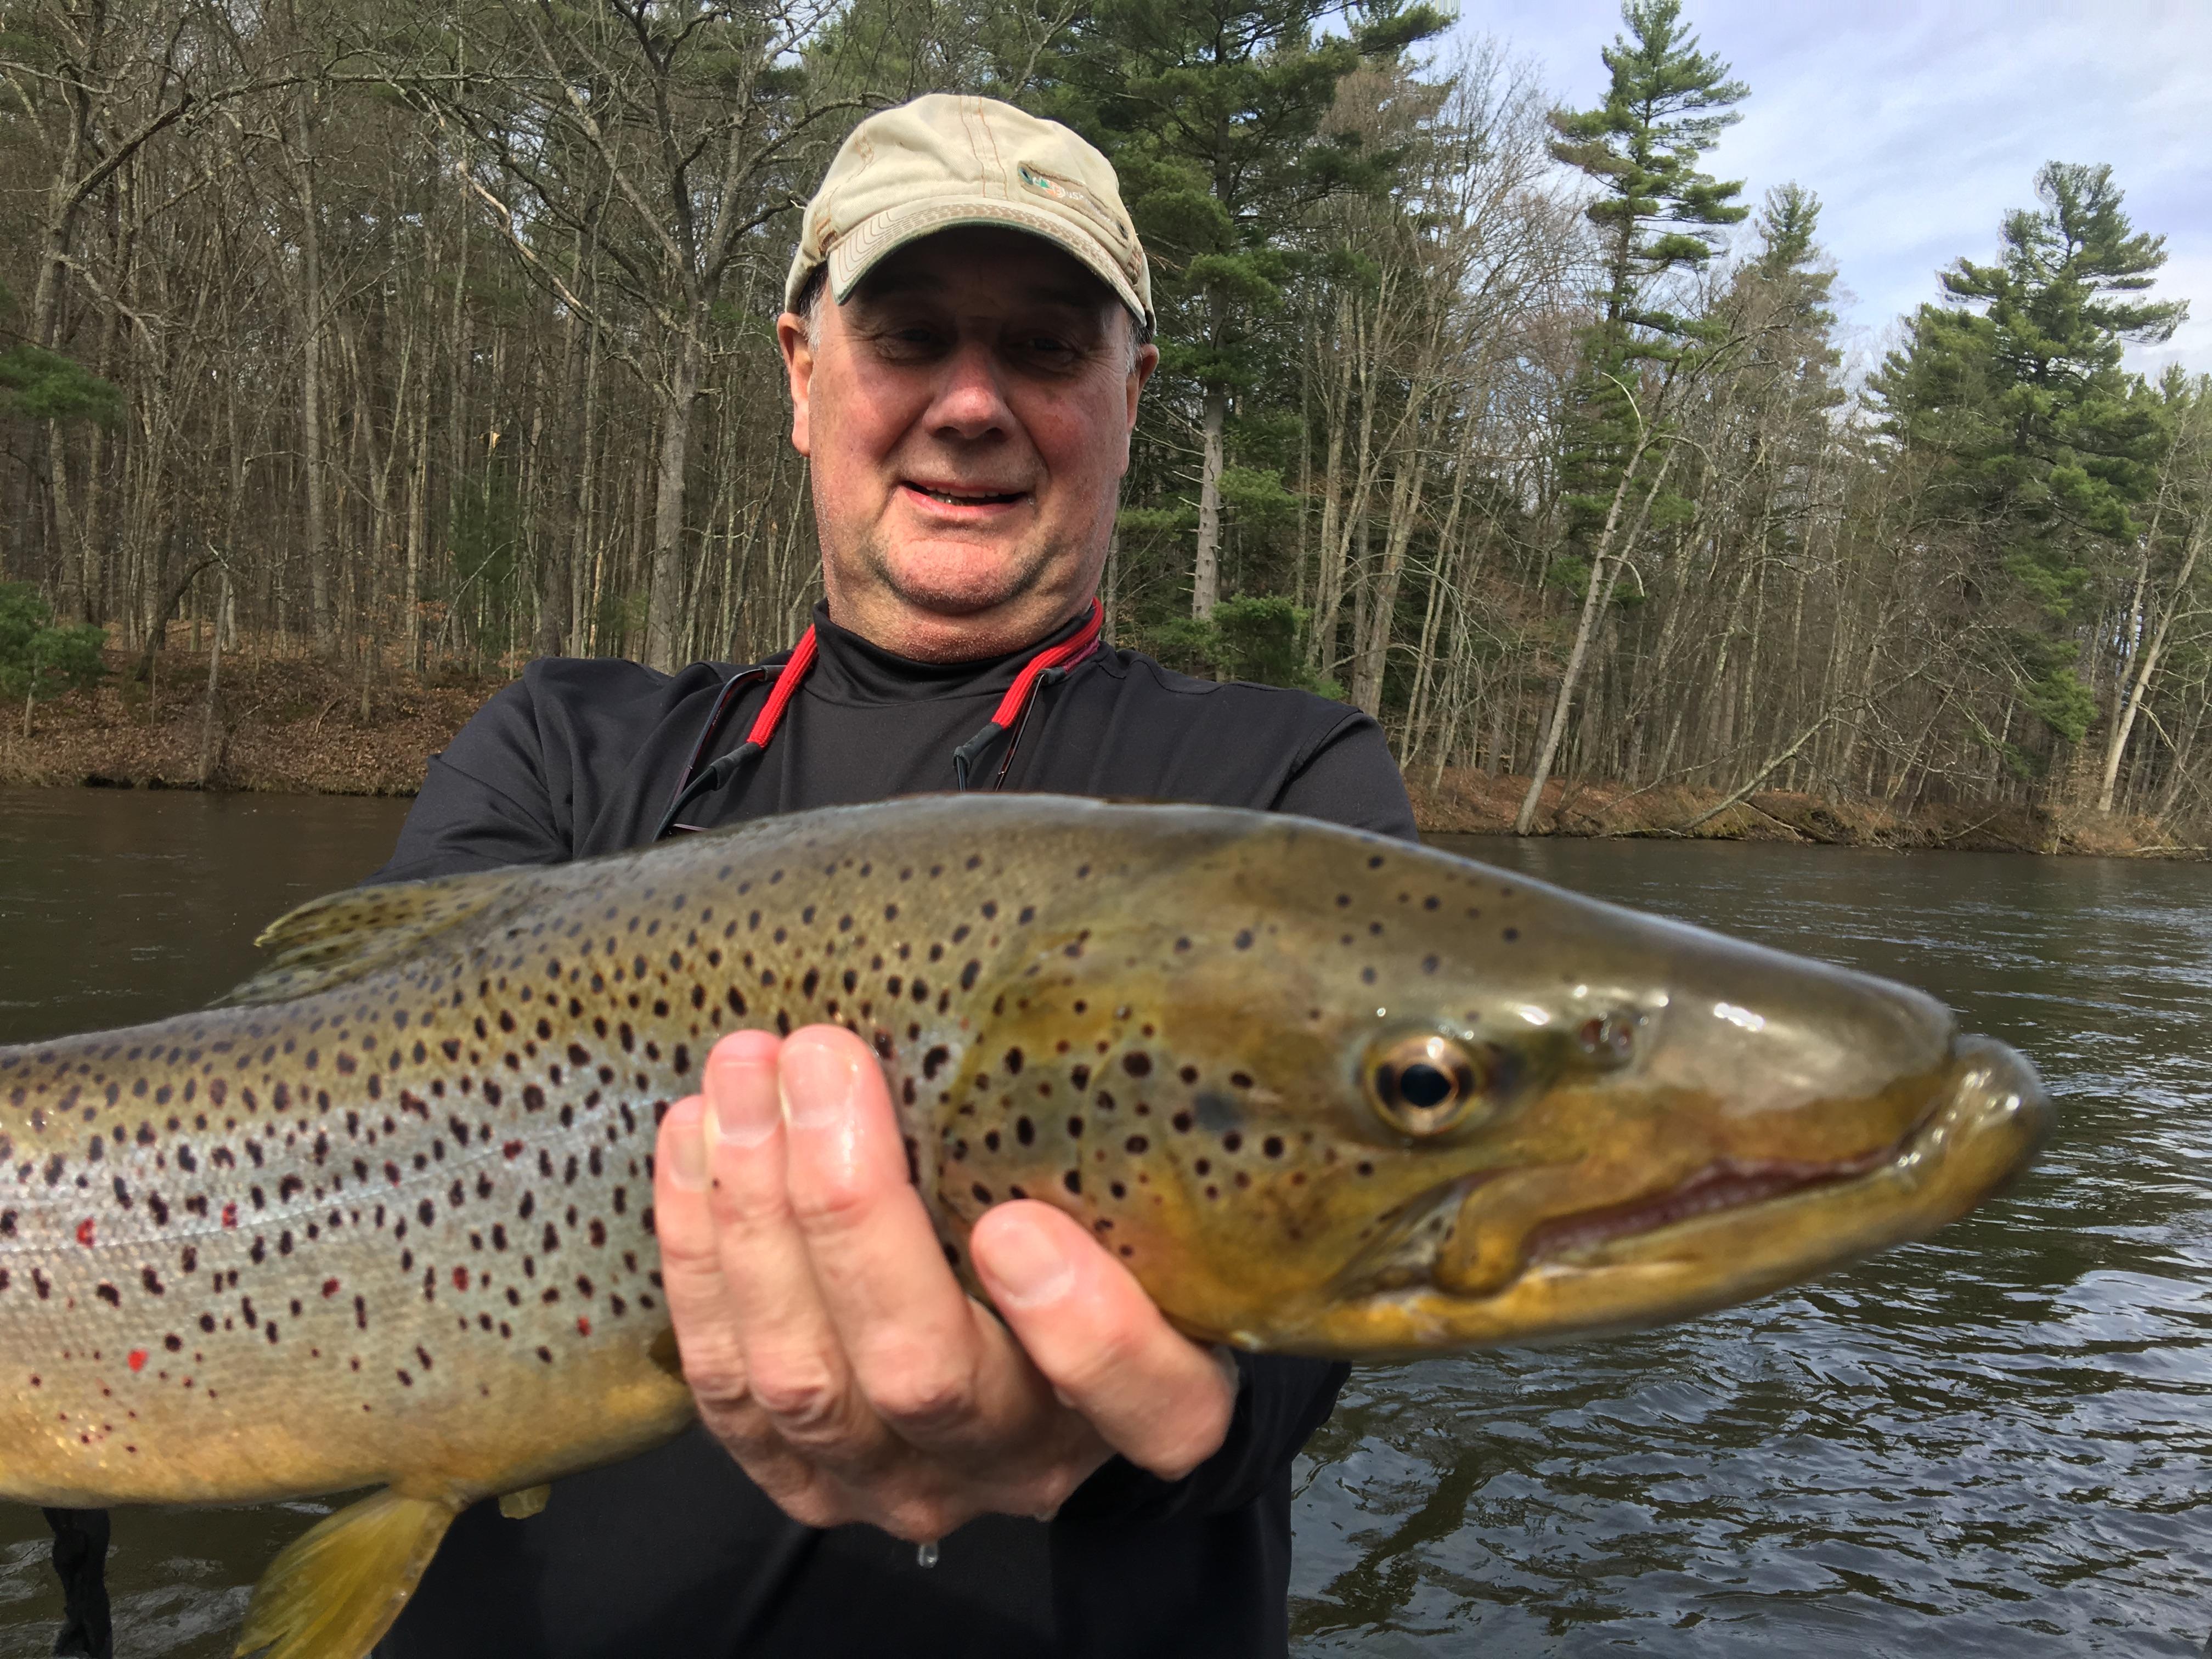 Muskegon river fishing report june 2017 coastal angler for Muskegon river fishing